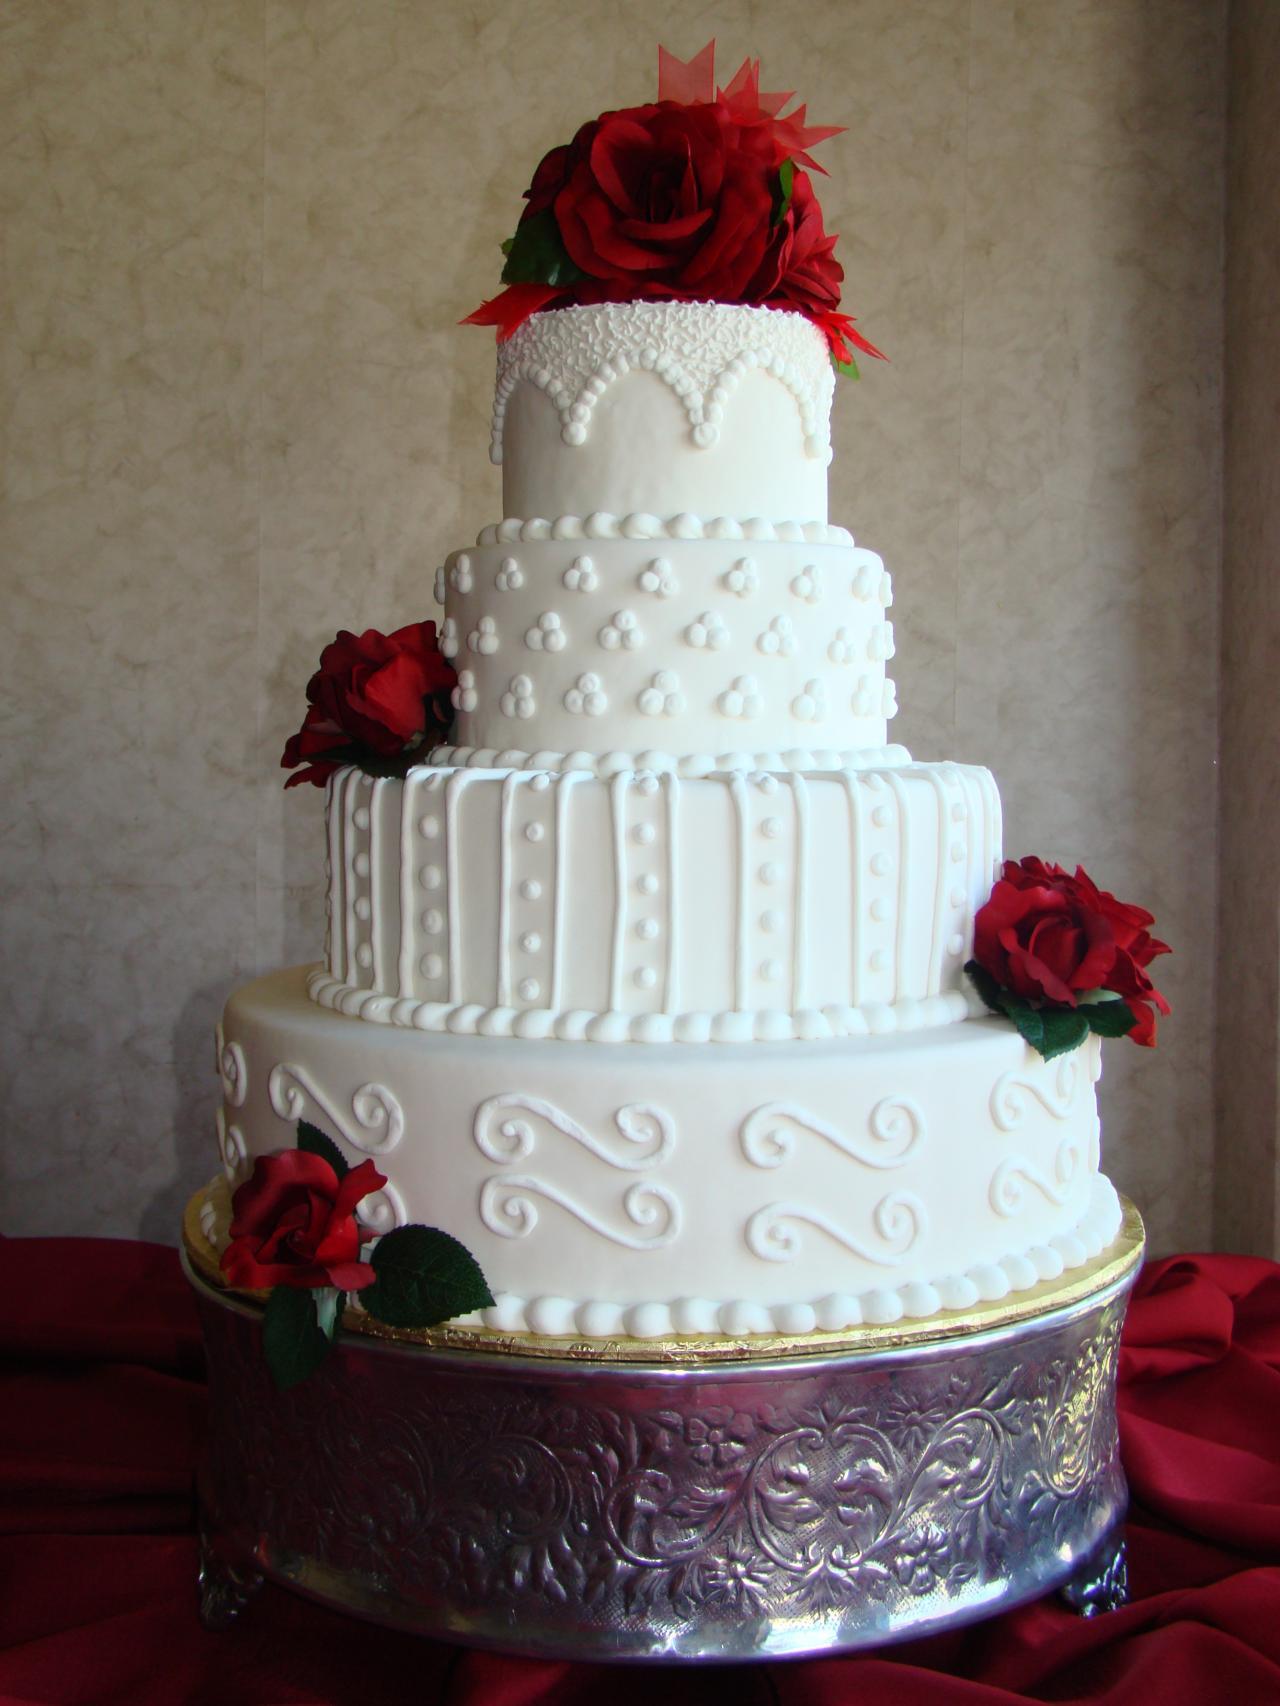 Wonderful Wedding Cakes  Wonderful Kakes Wedding Cakes